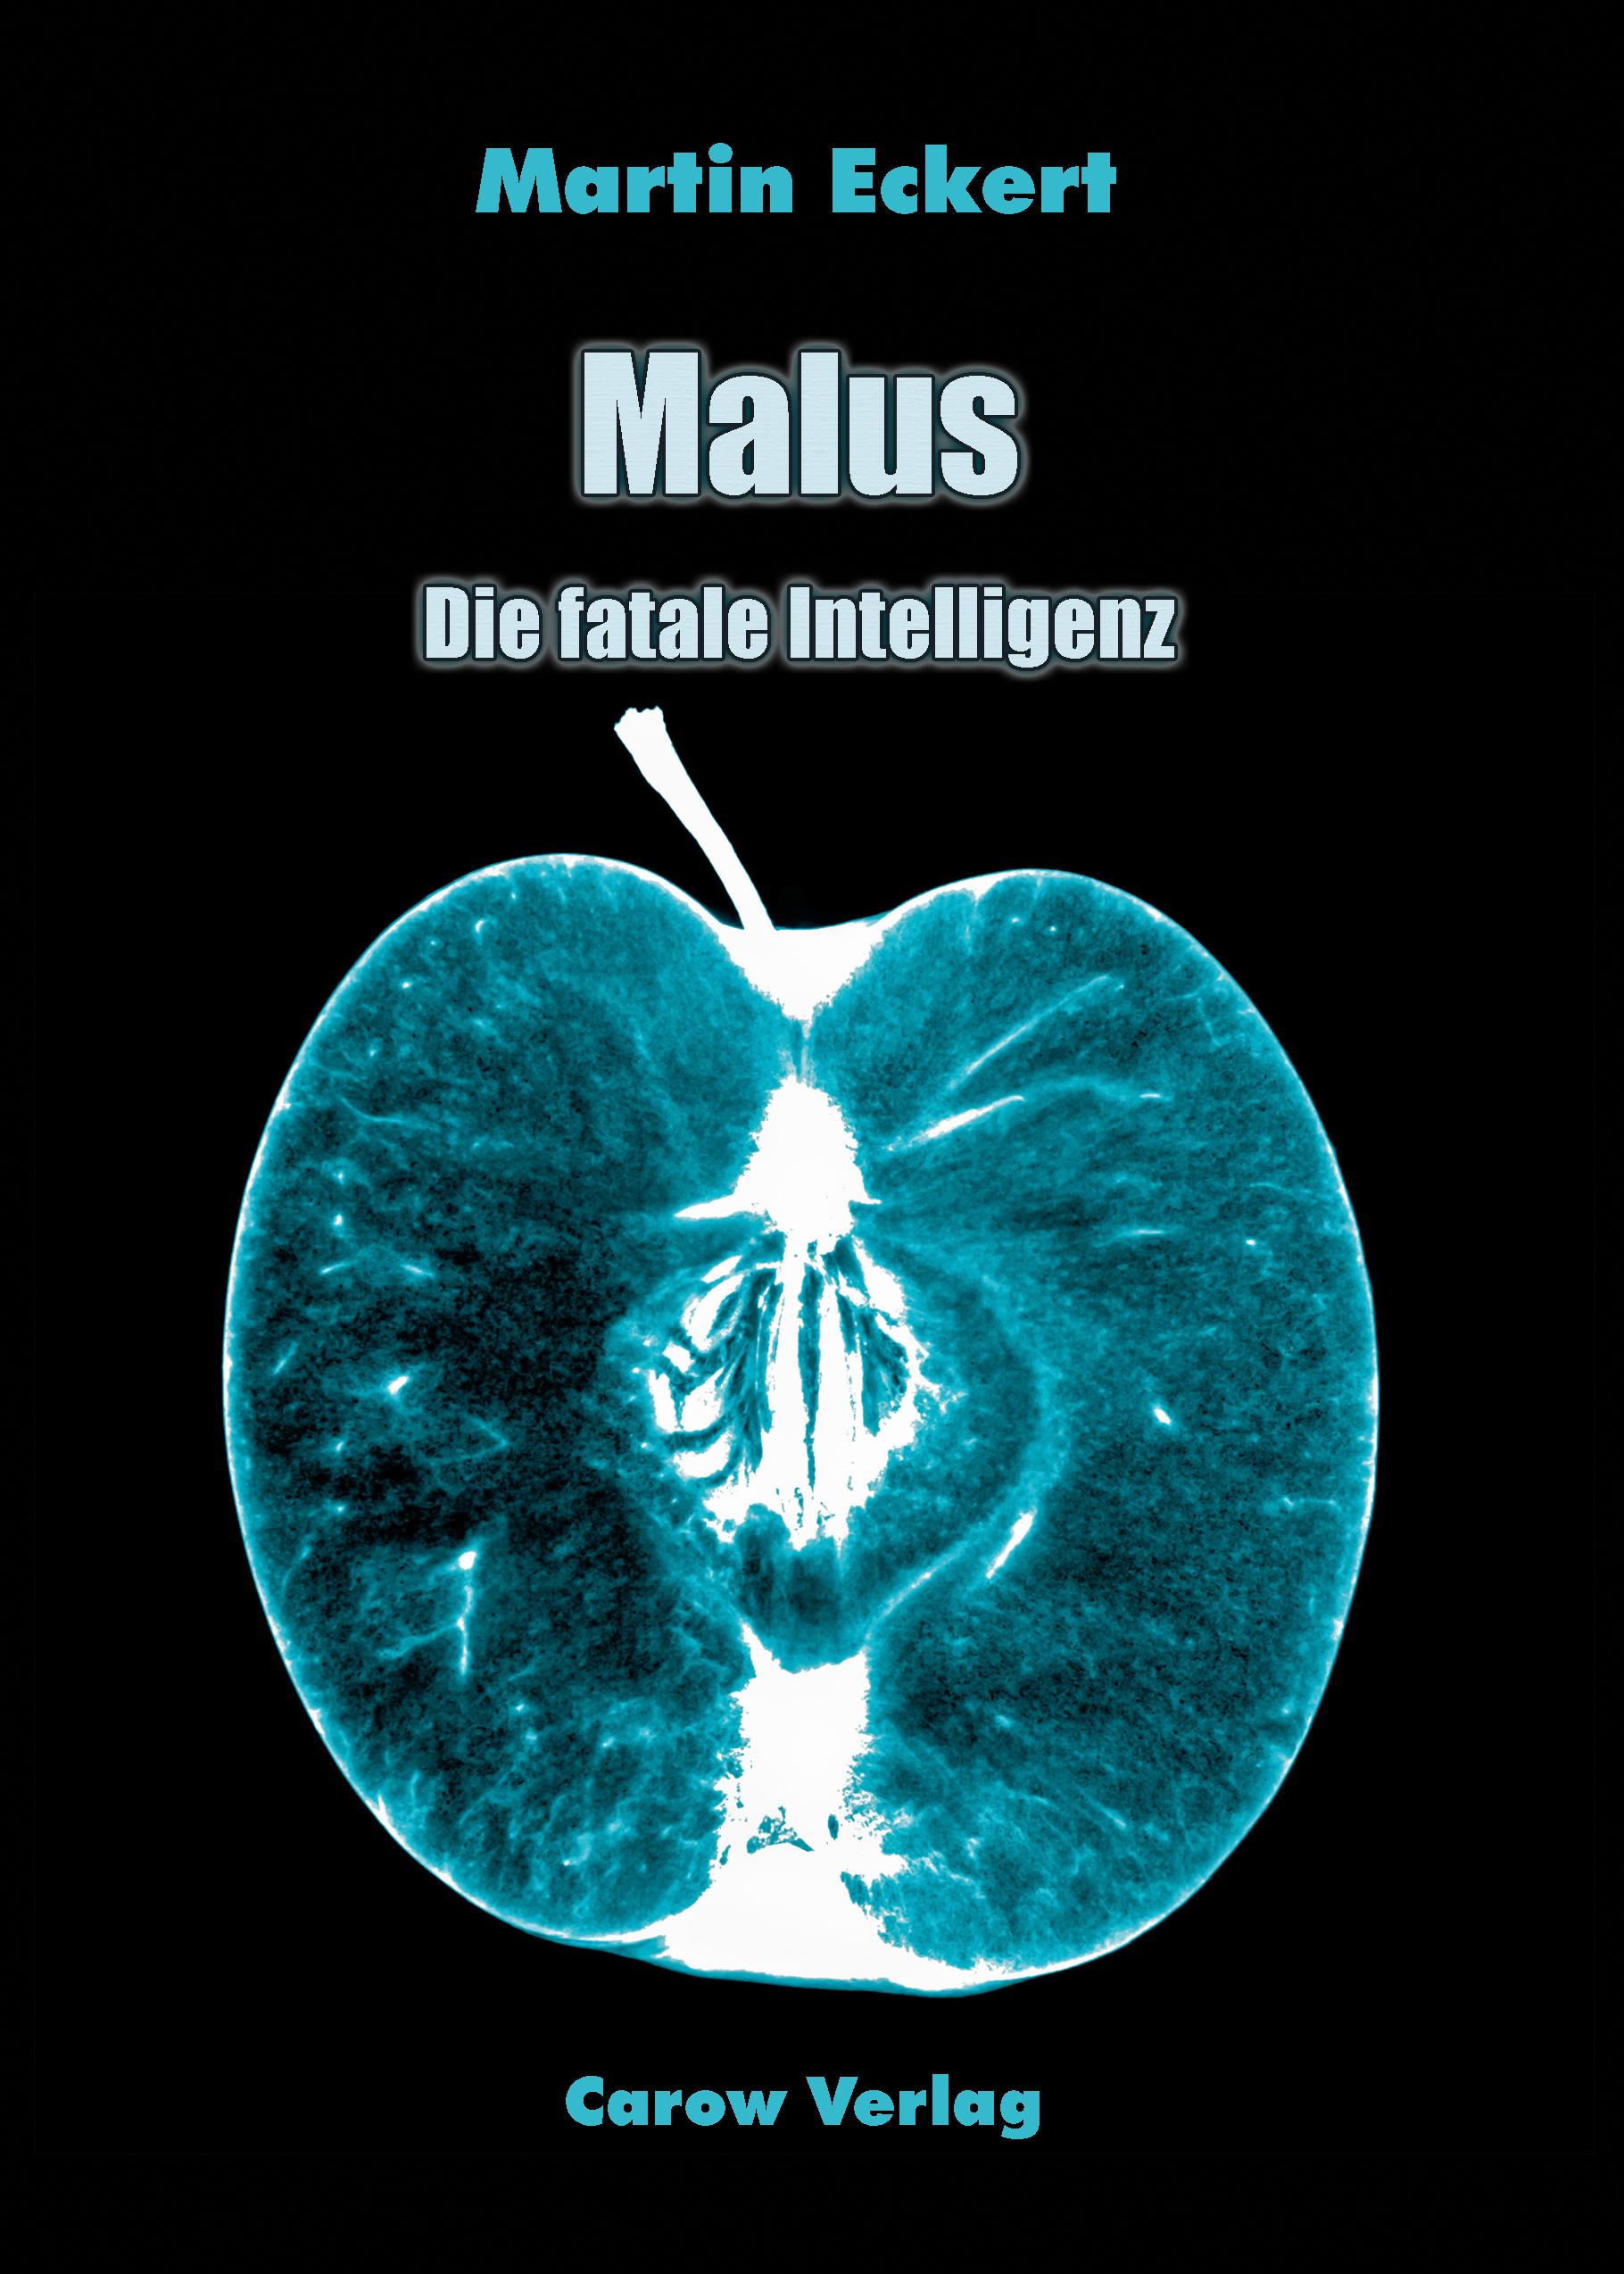 https://carow-verlag.de/news/images/Malus-Cover-RGB.jpg